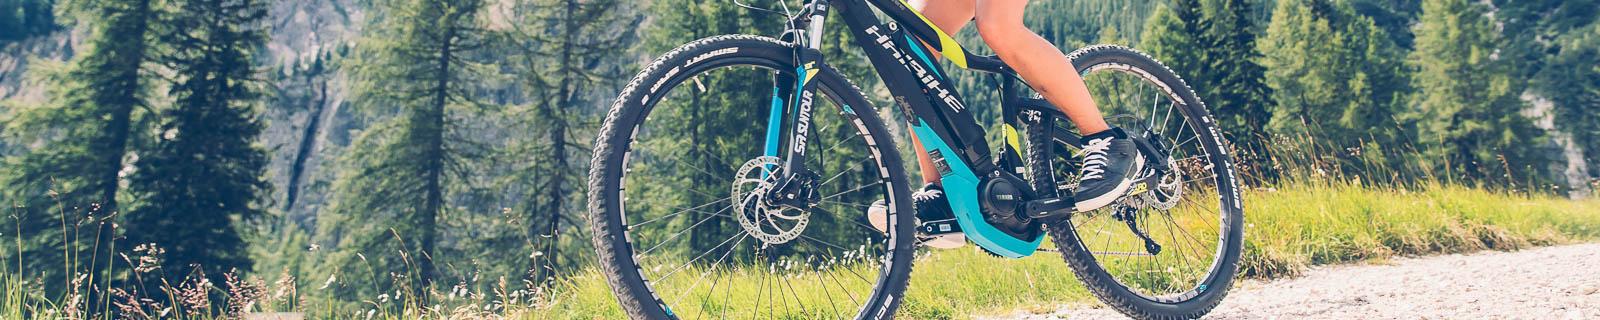 Haibike E-Bike Hardtail Mountainbikes